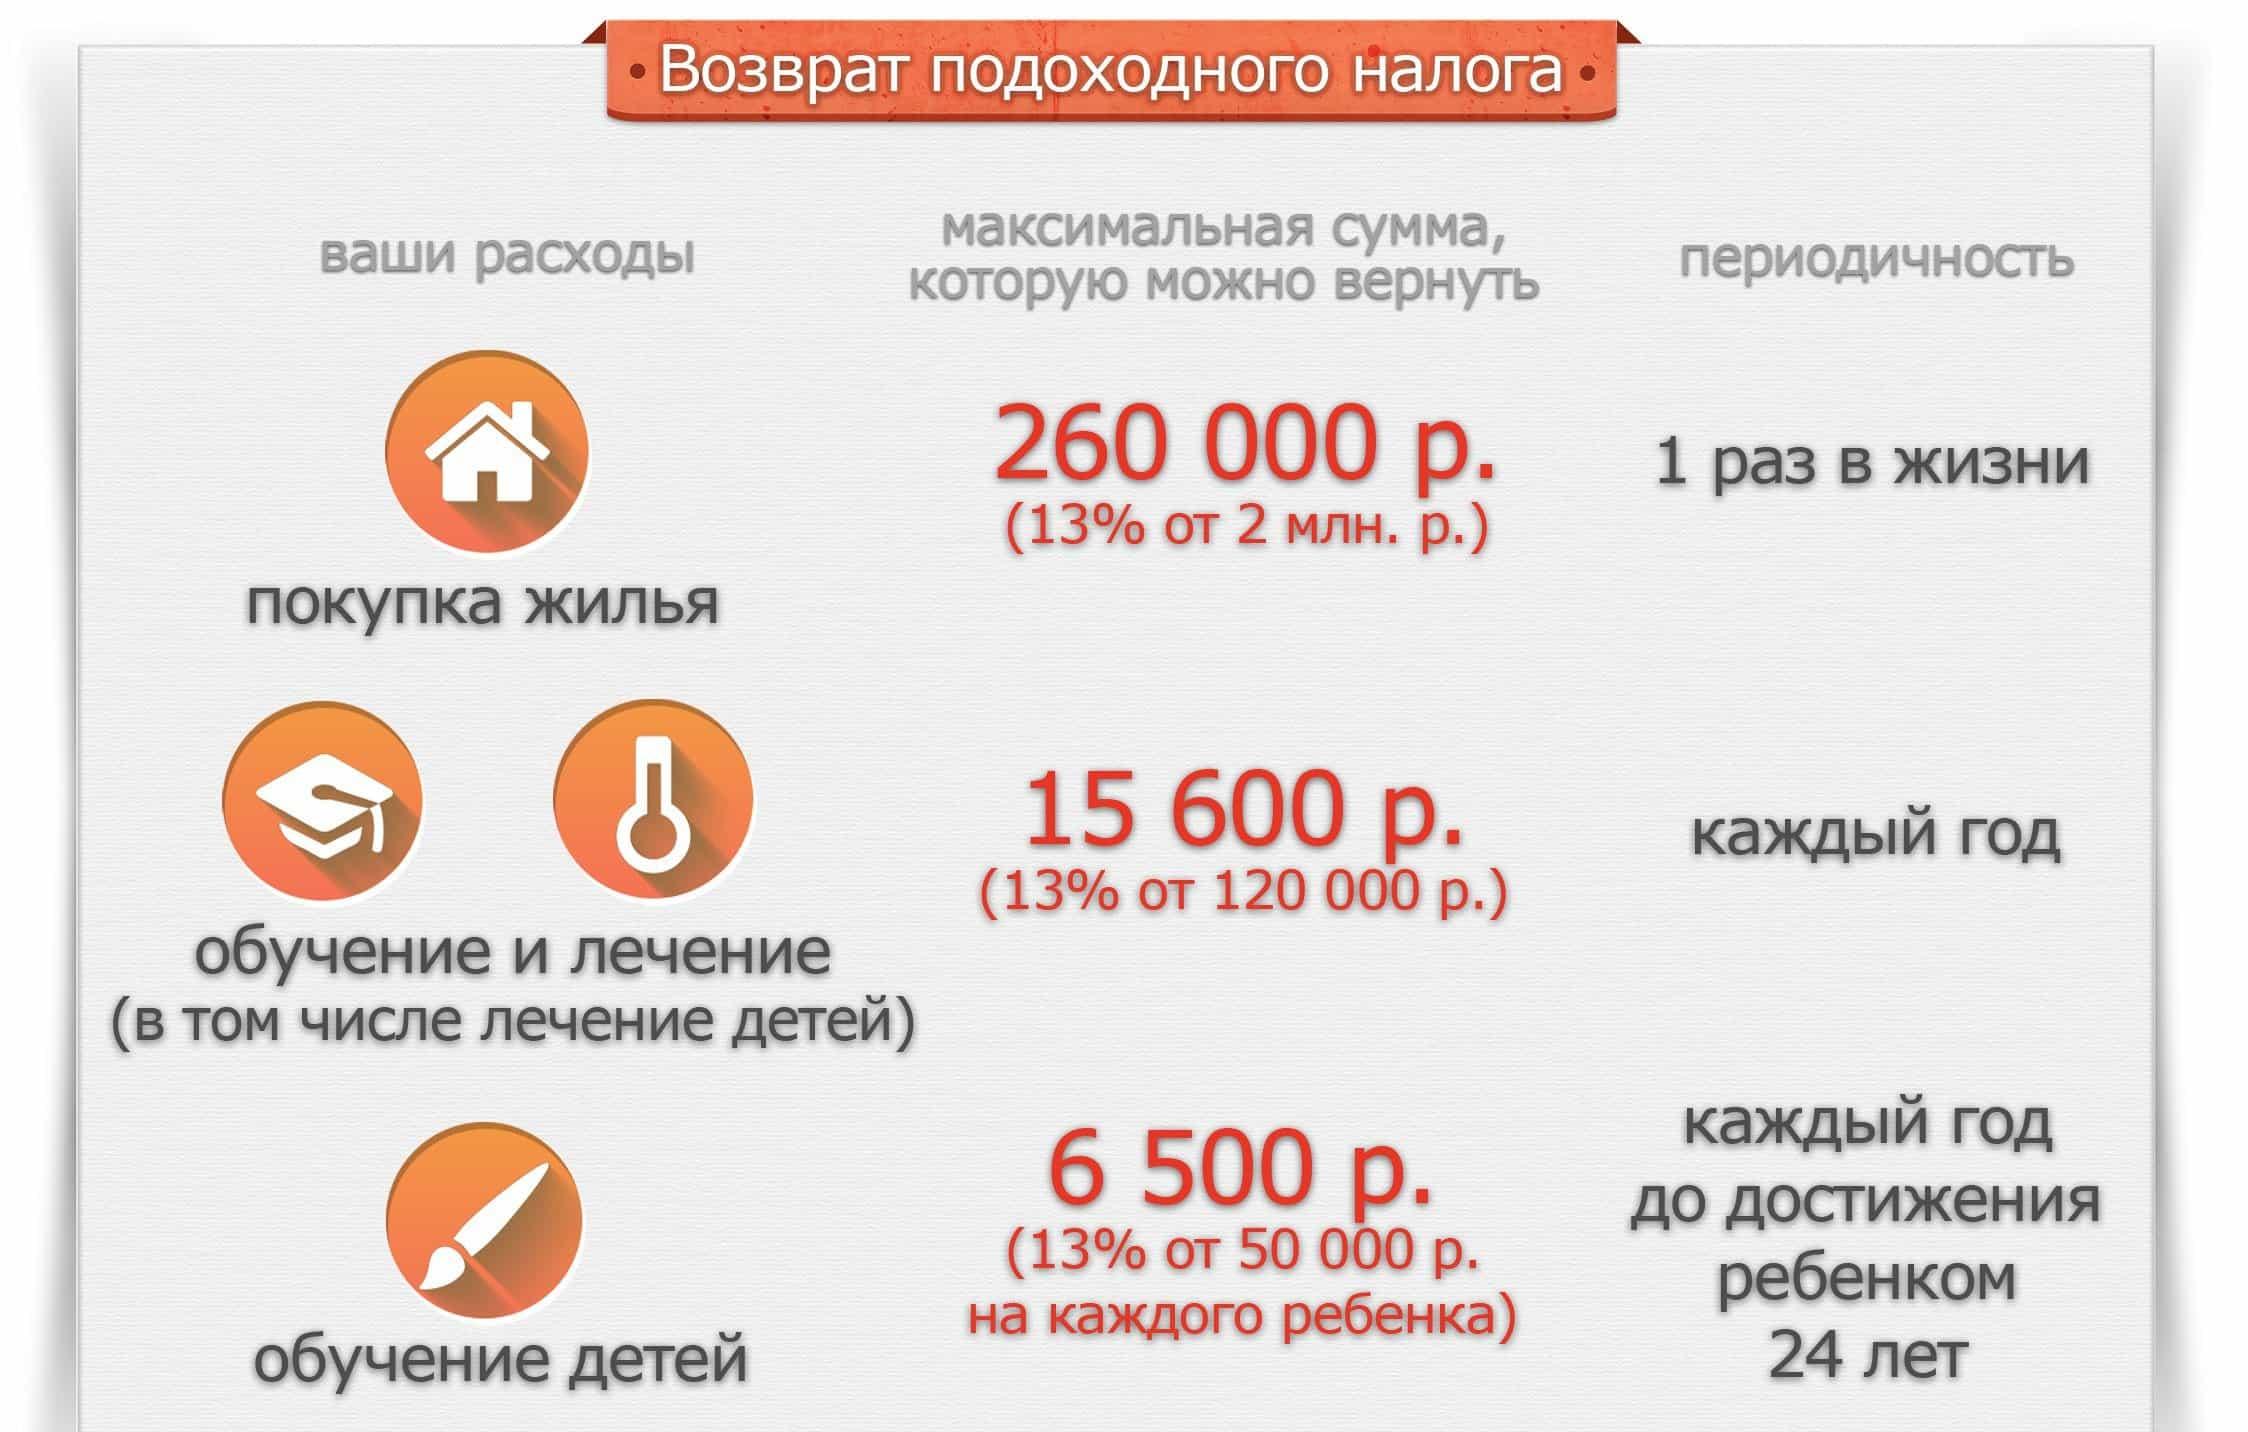 Способы вернуть 13 процентов от покупки квартиры по ипотеке и пенсионерам